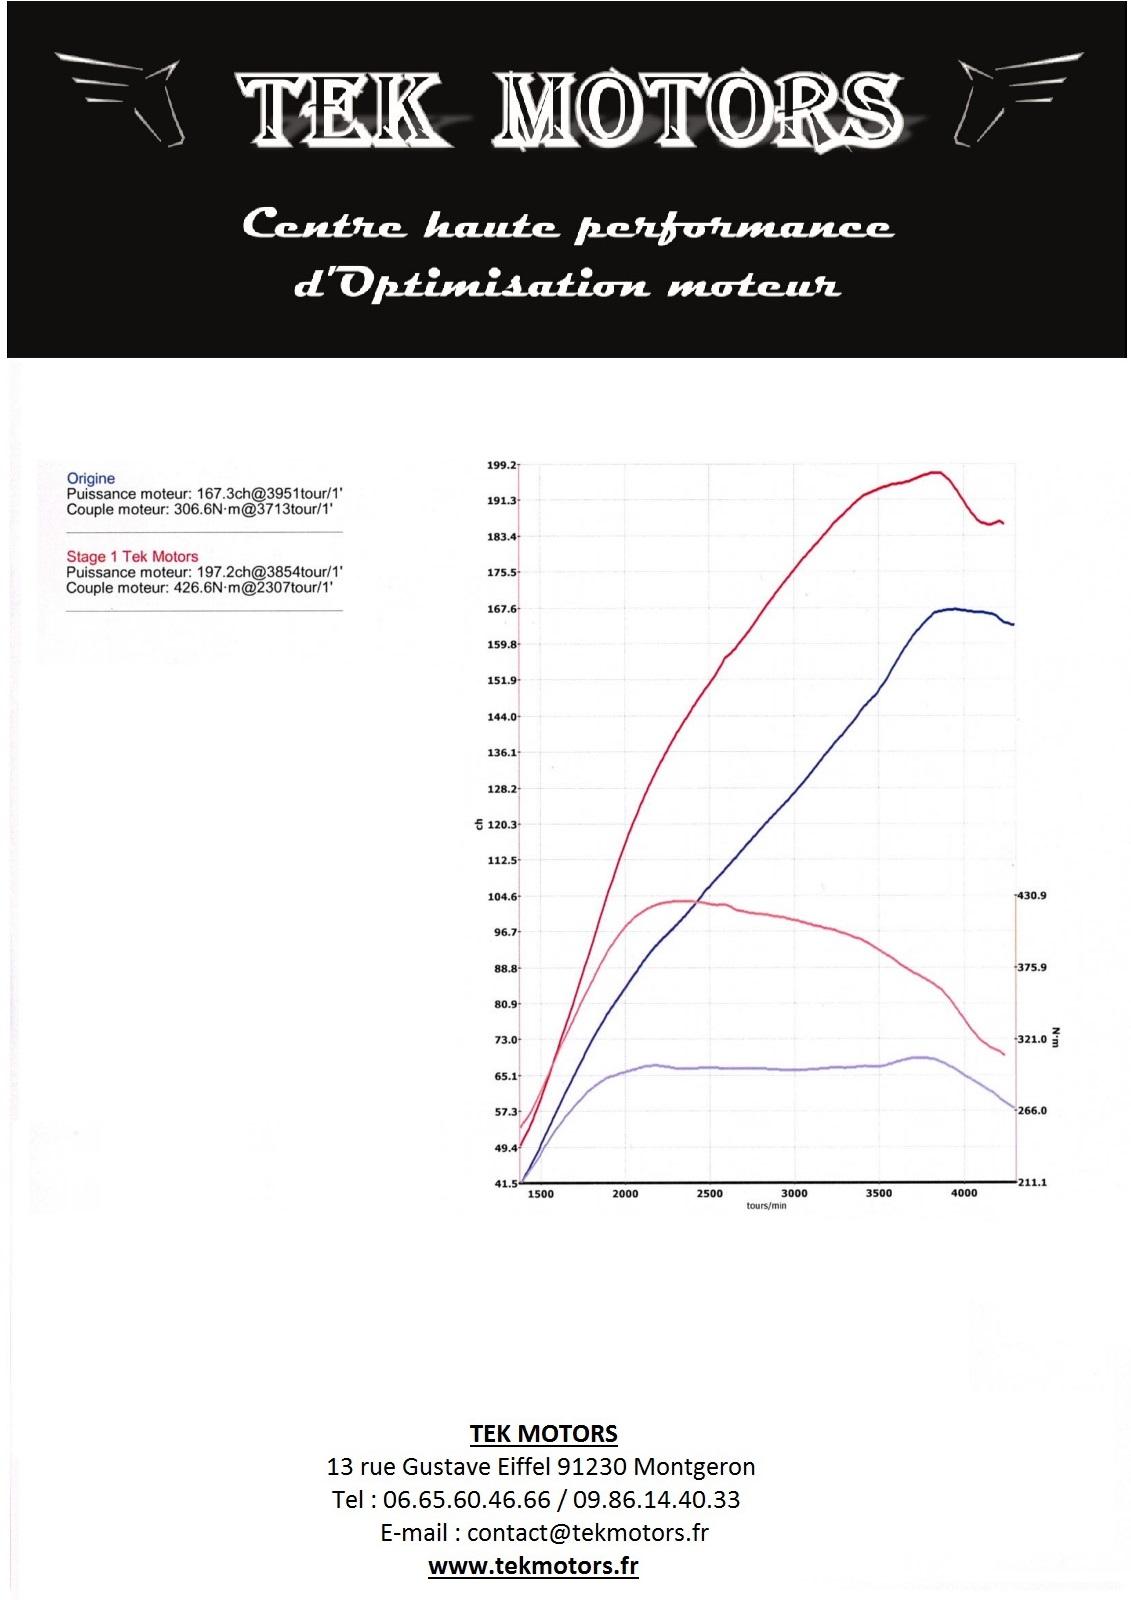 reprogrammation moteur alfa romeo giulietta 2 0 jtdm 170cv